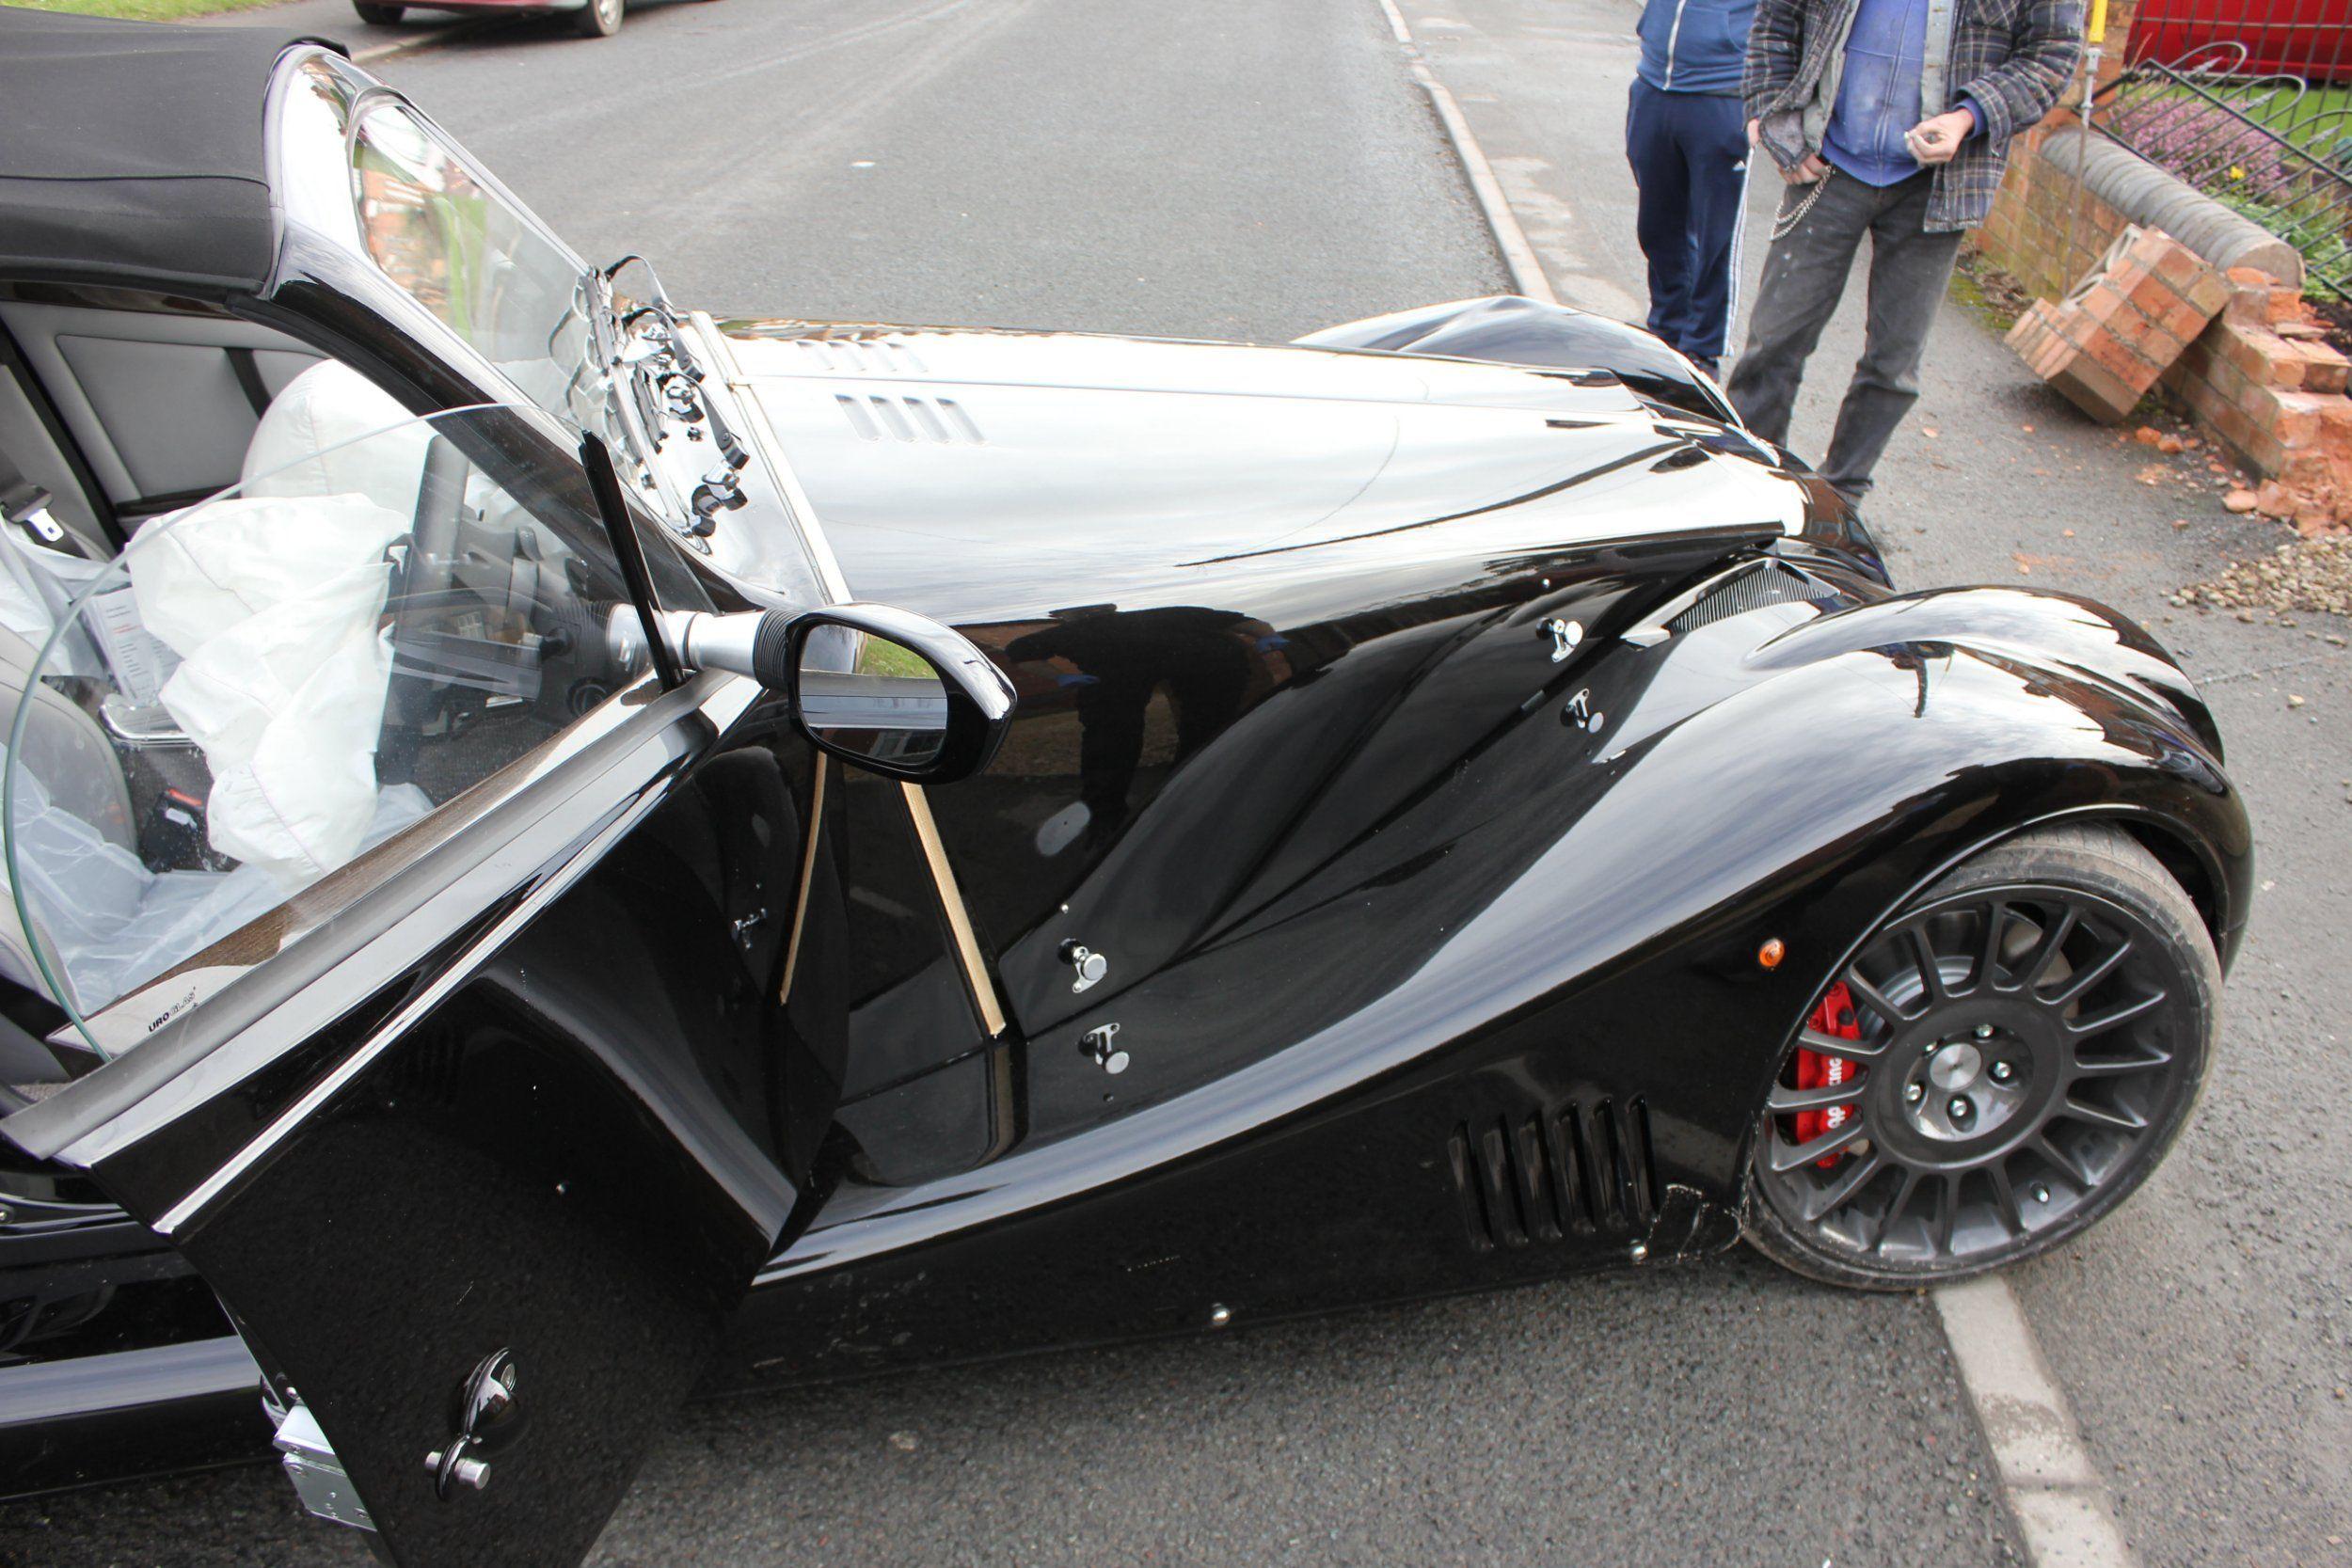 Инженеры завода разбили редкое авто за 100 000 долларов 2